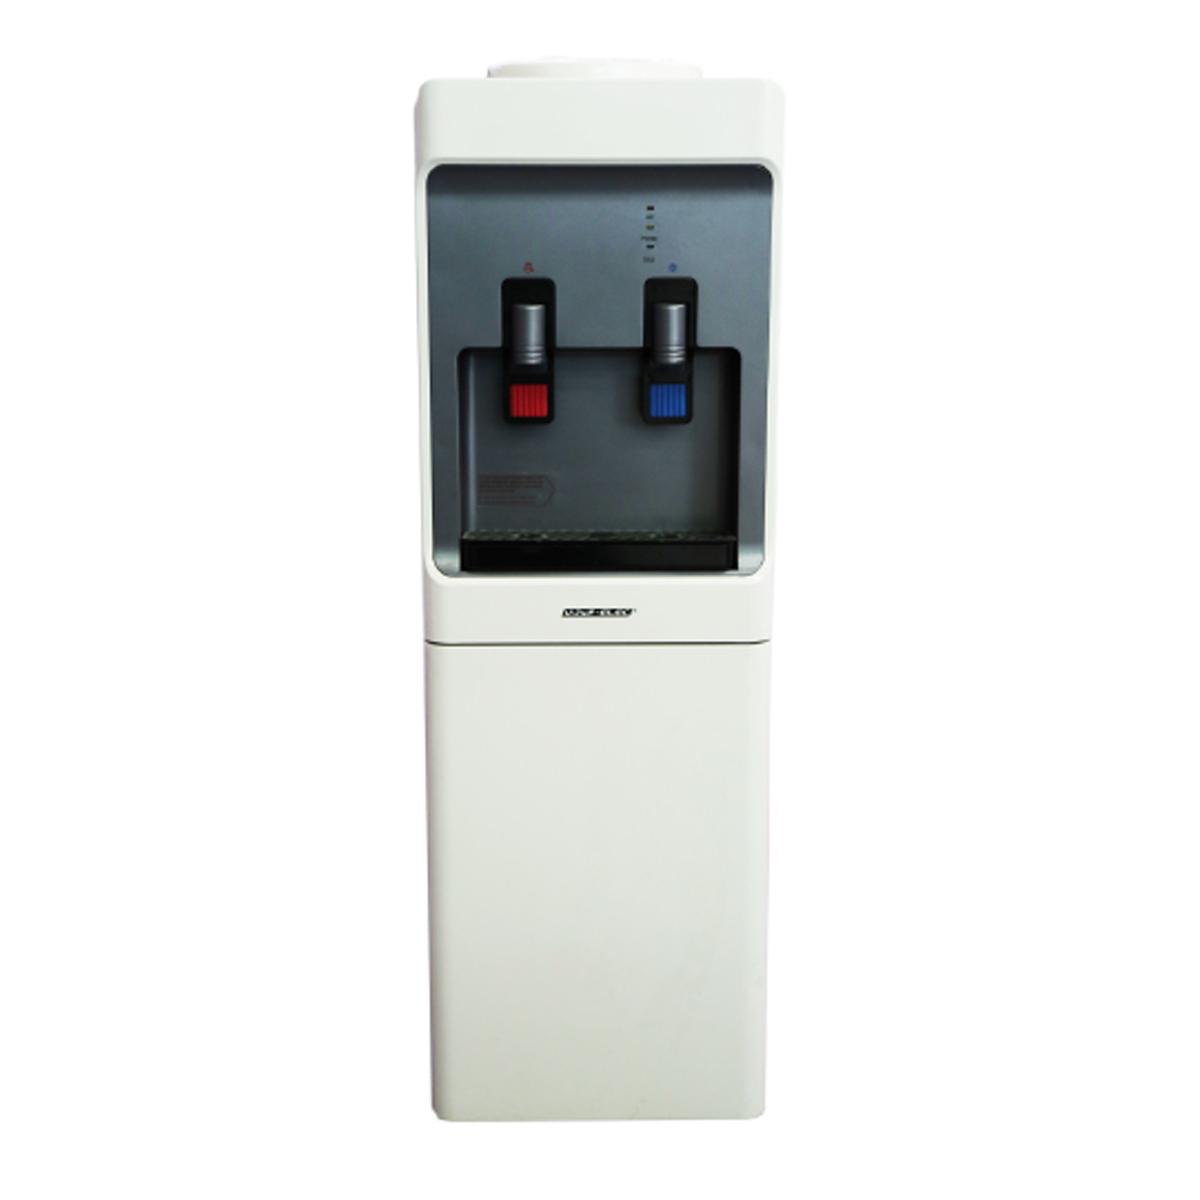 برادة ماء كهربائية  حار بارد - السيف - 630 واط